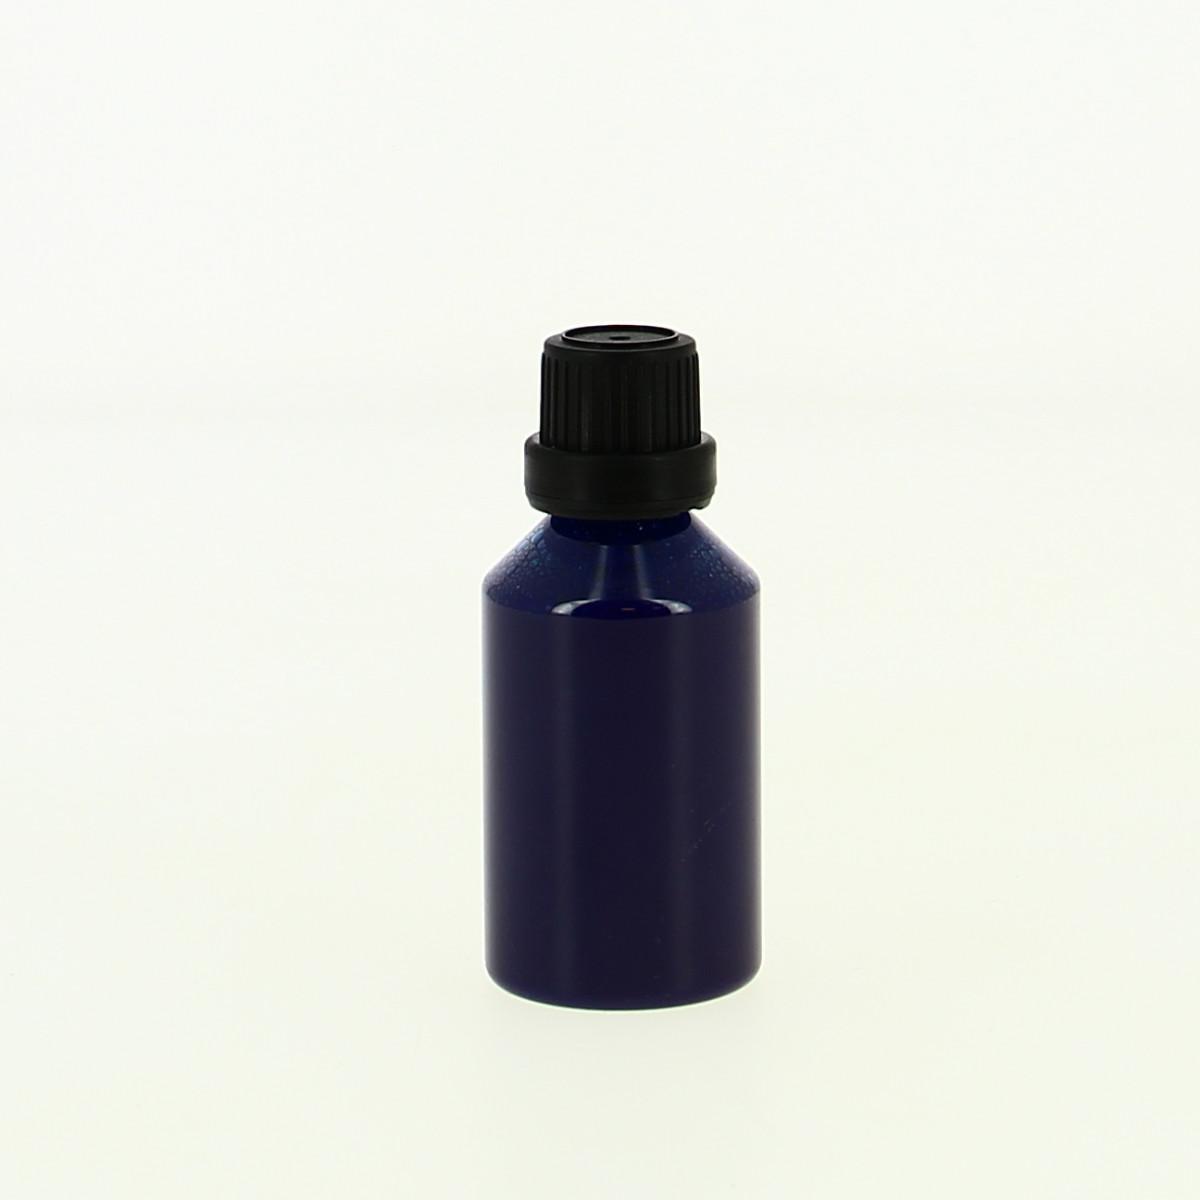 Colorant liquide opaque Bleu